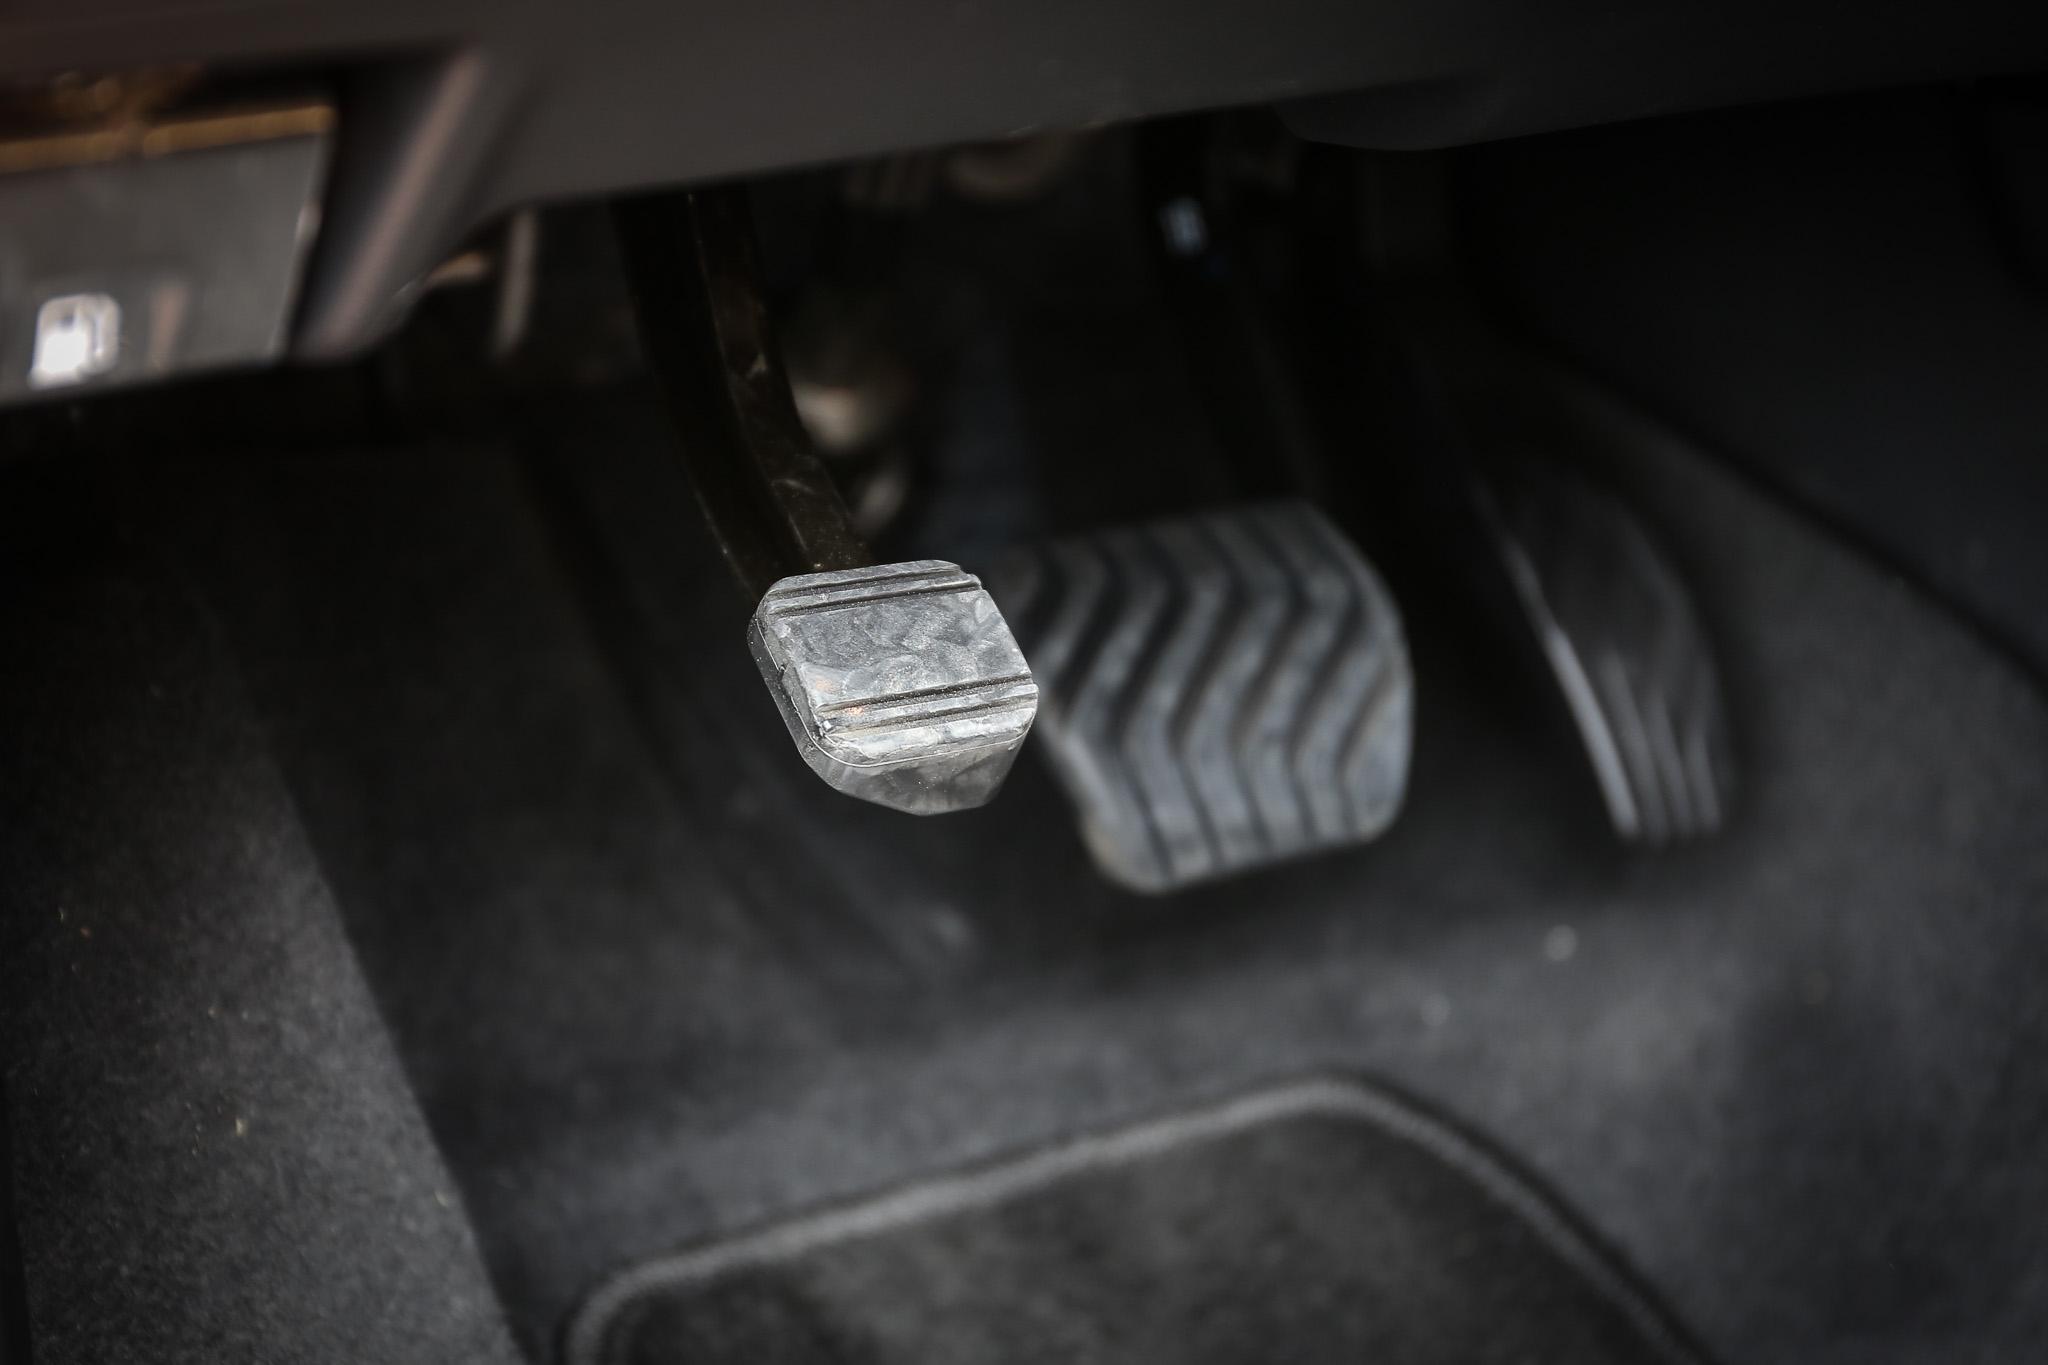 腳煞式的手煞車系統已非市場主流,為難以適應之處。